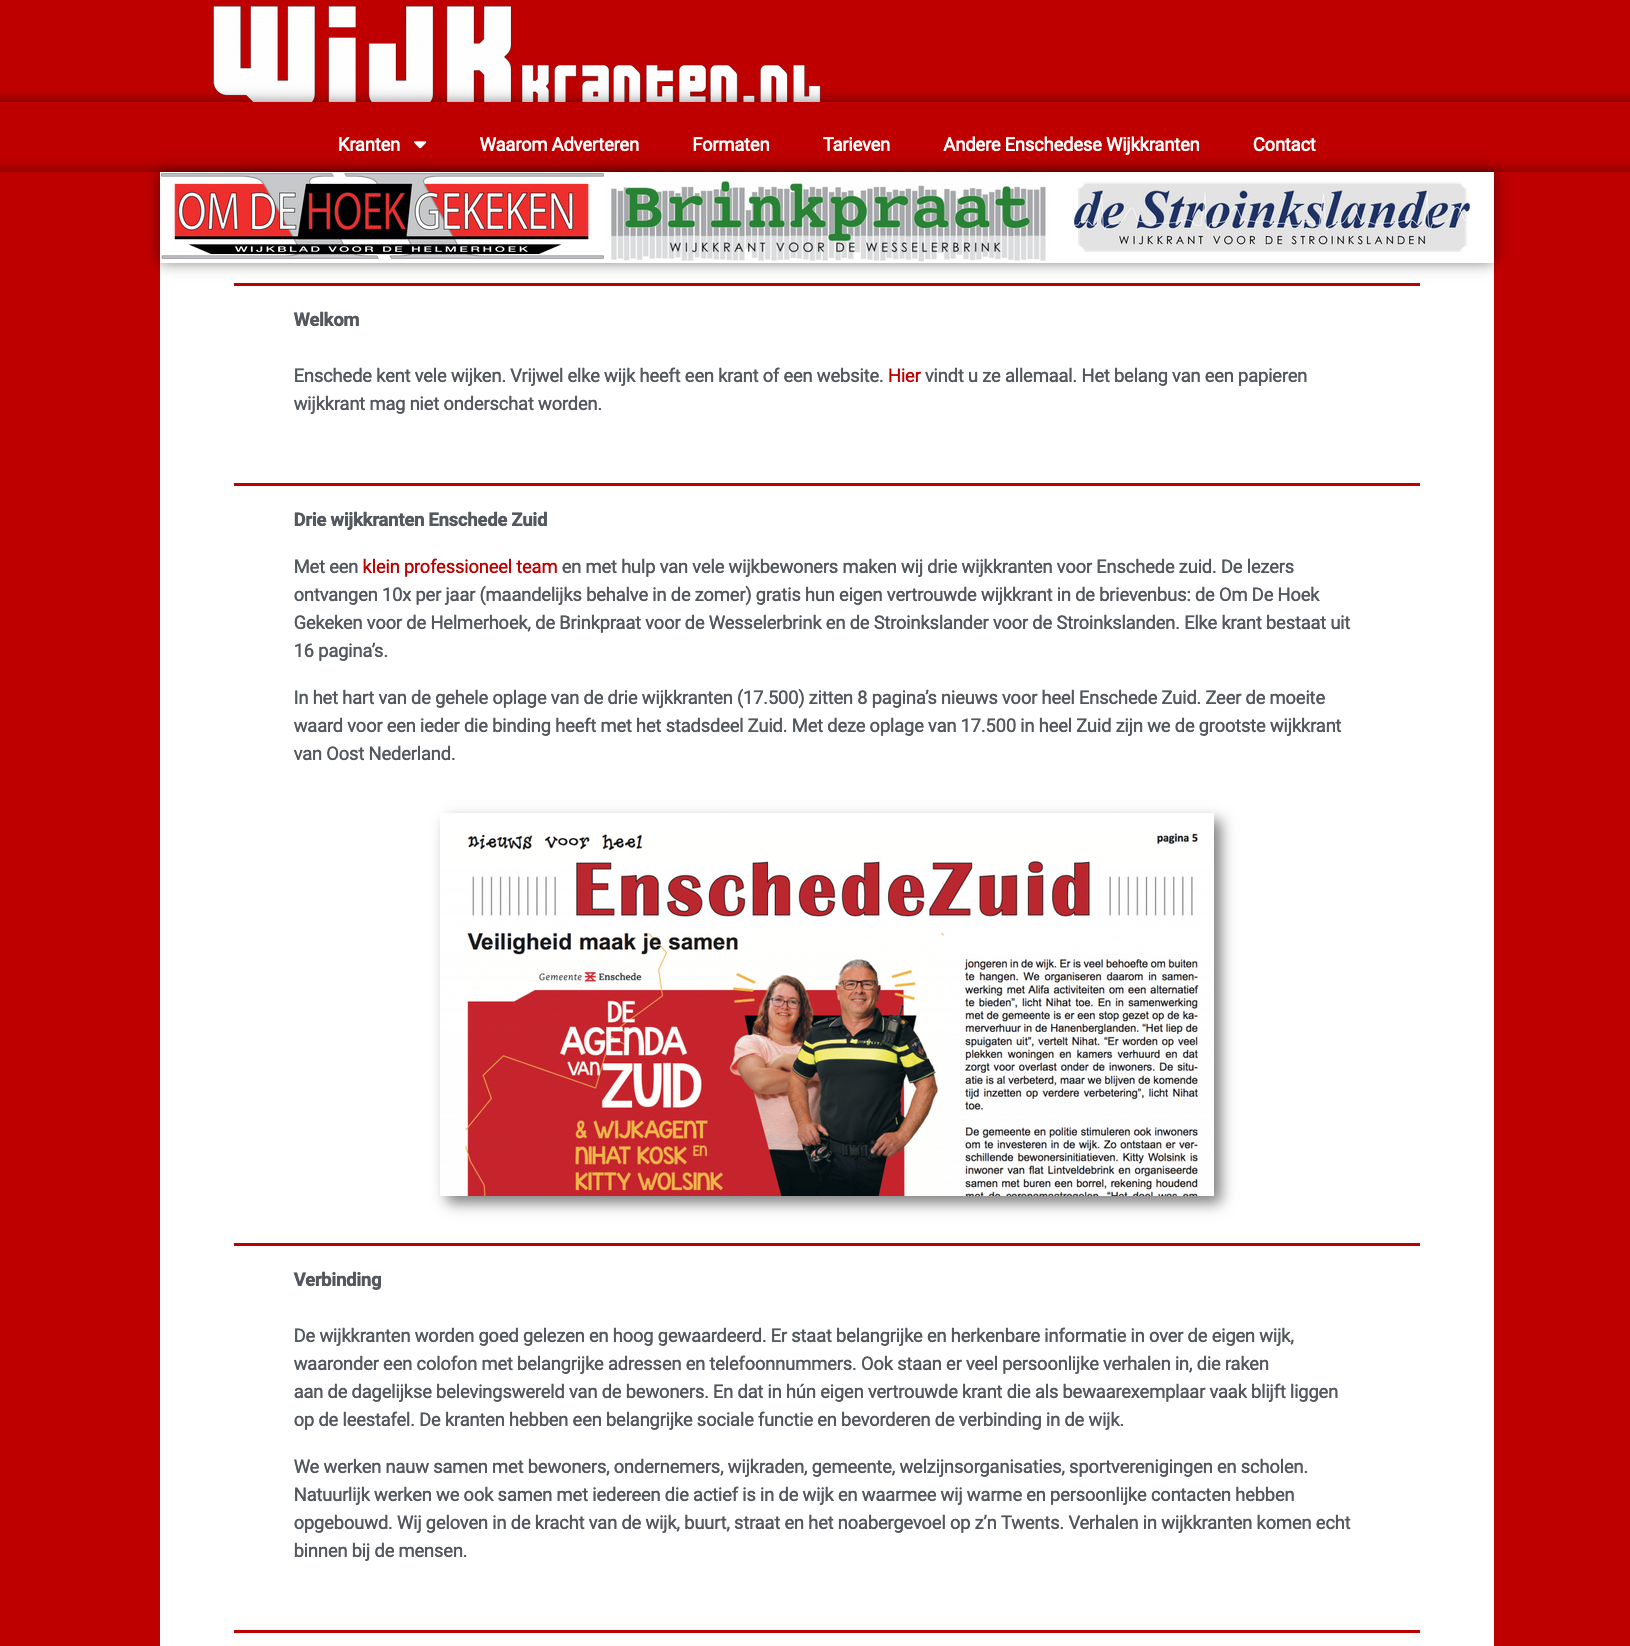 www.wijkkranten.nl/